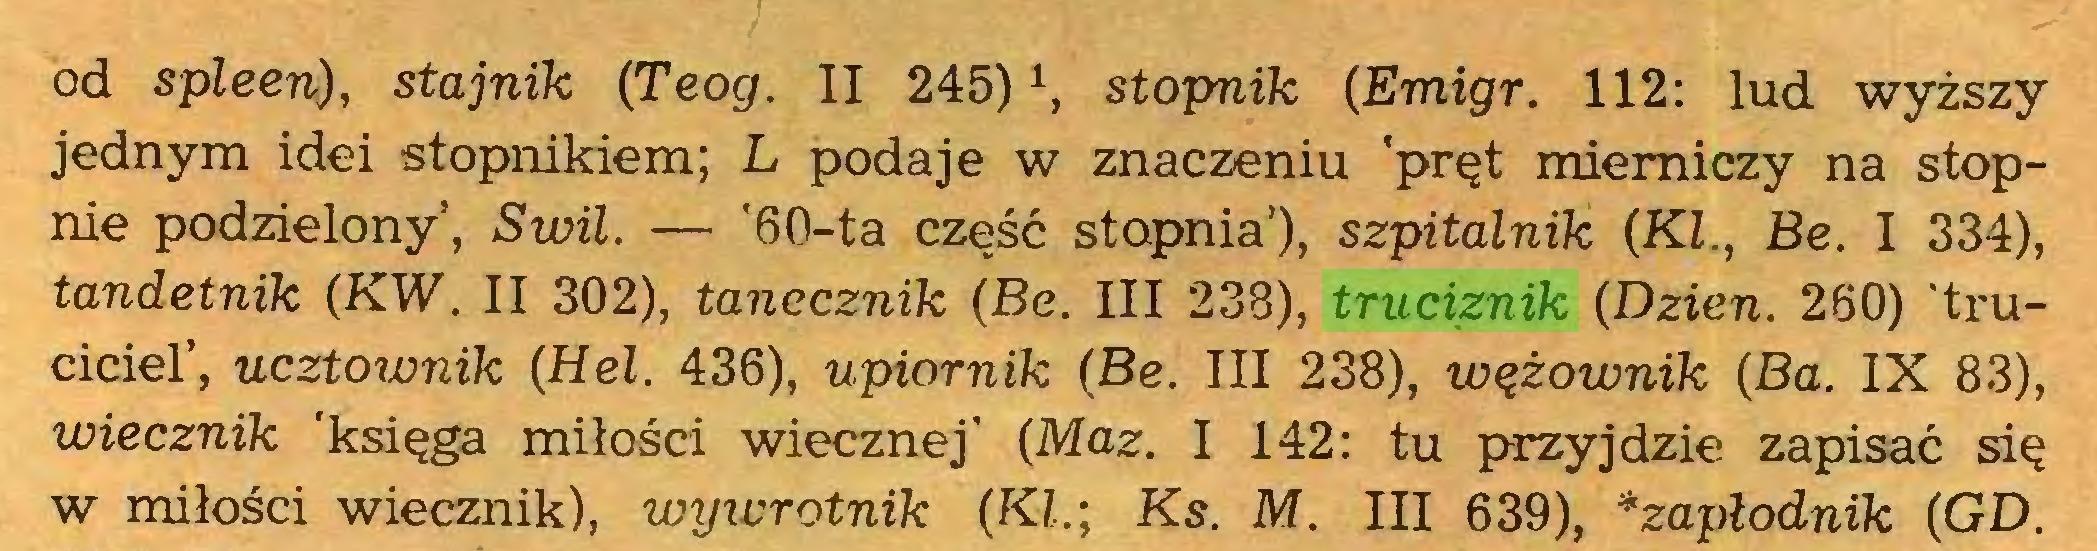 (...) od spleen), stajnik (Teog. II 245)ł, stopnik (Emigr. 112: lud wyższy jednym idei stopnikiem; L podaje w znaczeniu 'pręt mierniczy na stopnie podzielony, Swil. — '60-ta część stopnia'), szpitalnik (KI., Be. I 334), tandetnik (KW. II 302), tanecznik (Be. III 238), truciznik (Dzień. 260) 'truciciel', ucztownik (Hel. 436), upiornik (Be. III 238), wążownik (Ba. IX 83), wiecznik 'księga miłości wiecznej' (Maz. I 142: tu przyjdzie zapisać się w miłości wiecznik), wywrotnik (KI.; Ks. M. III 639), *zapłodnik (GD...